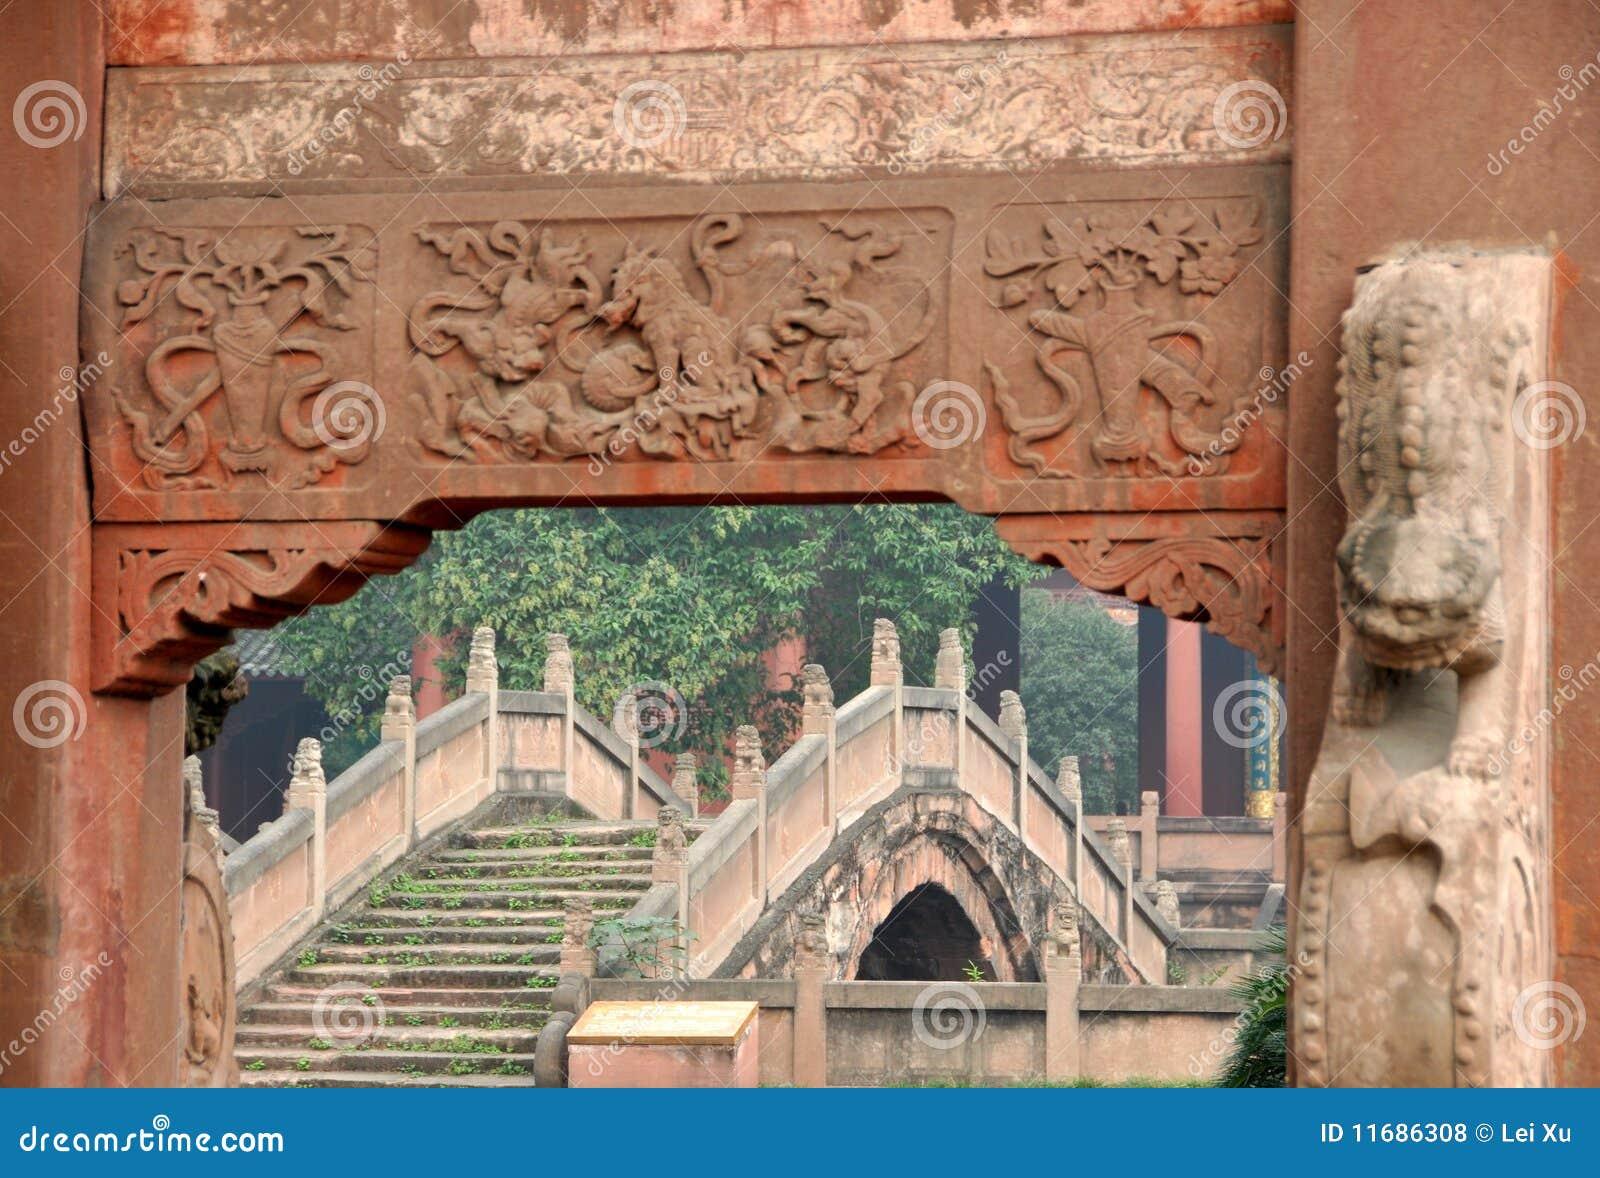 Deyang China  city photos : Deyang, China: Deyang Confucian Temple Royalty Free Stock Photos ...